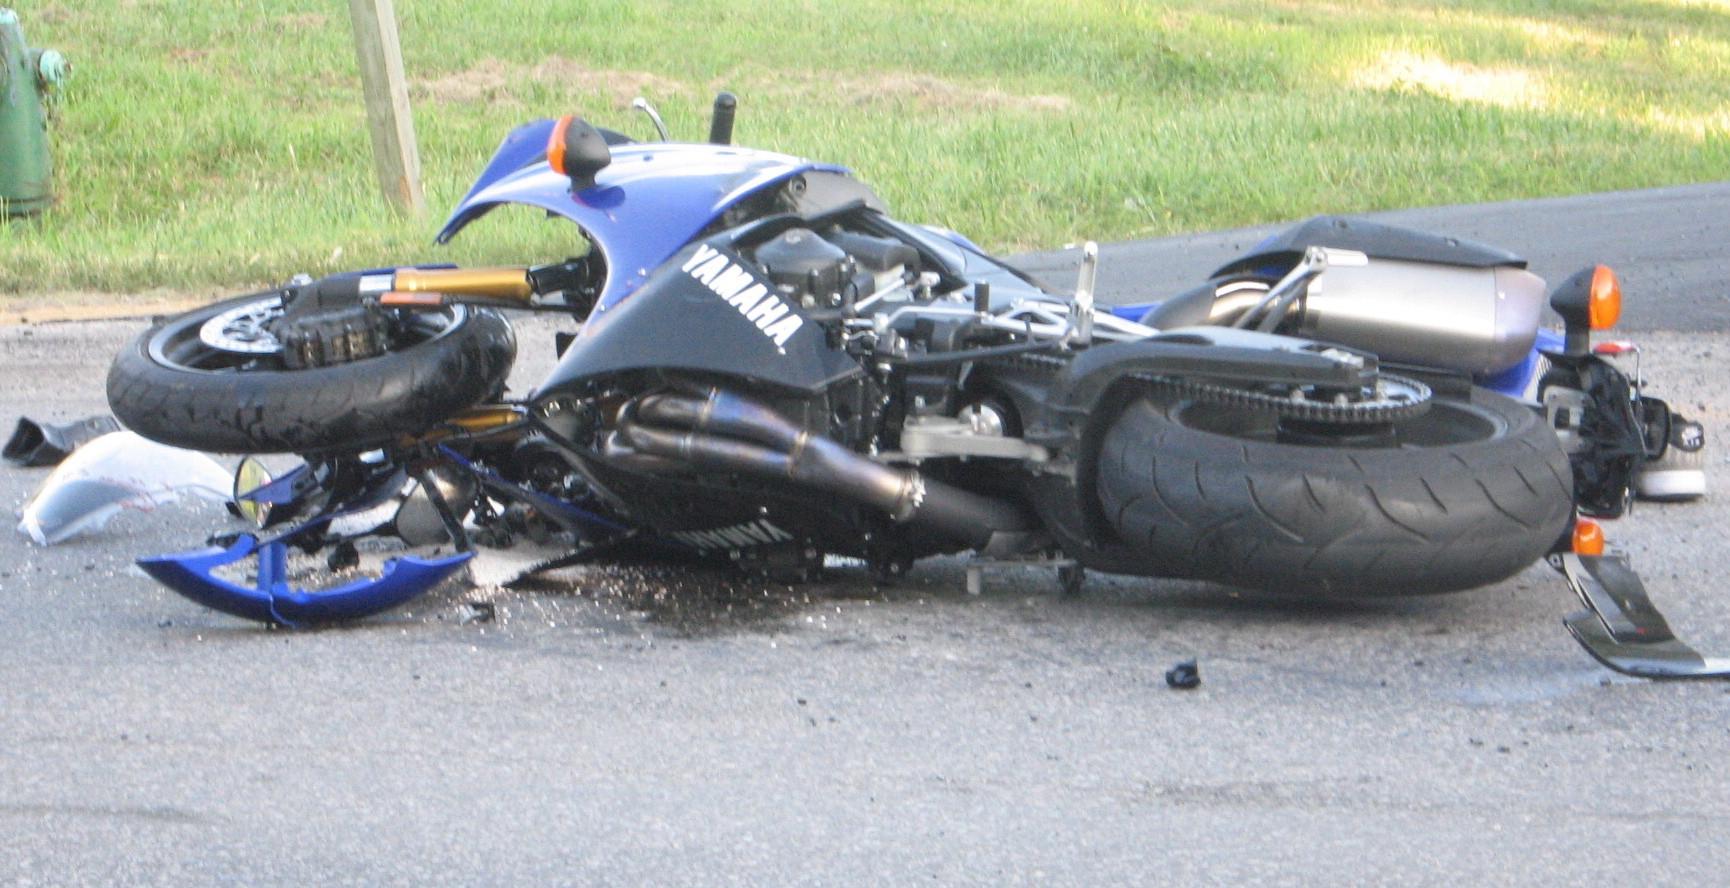 Под Челябинском после ДТП скончался пассажир мотоцикла